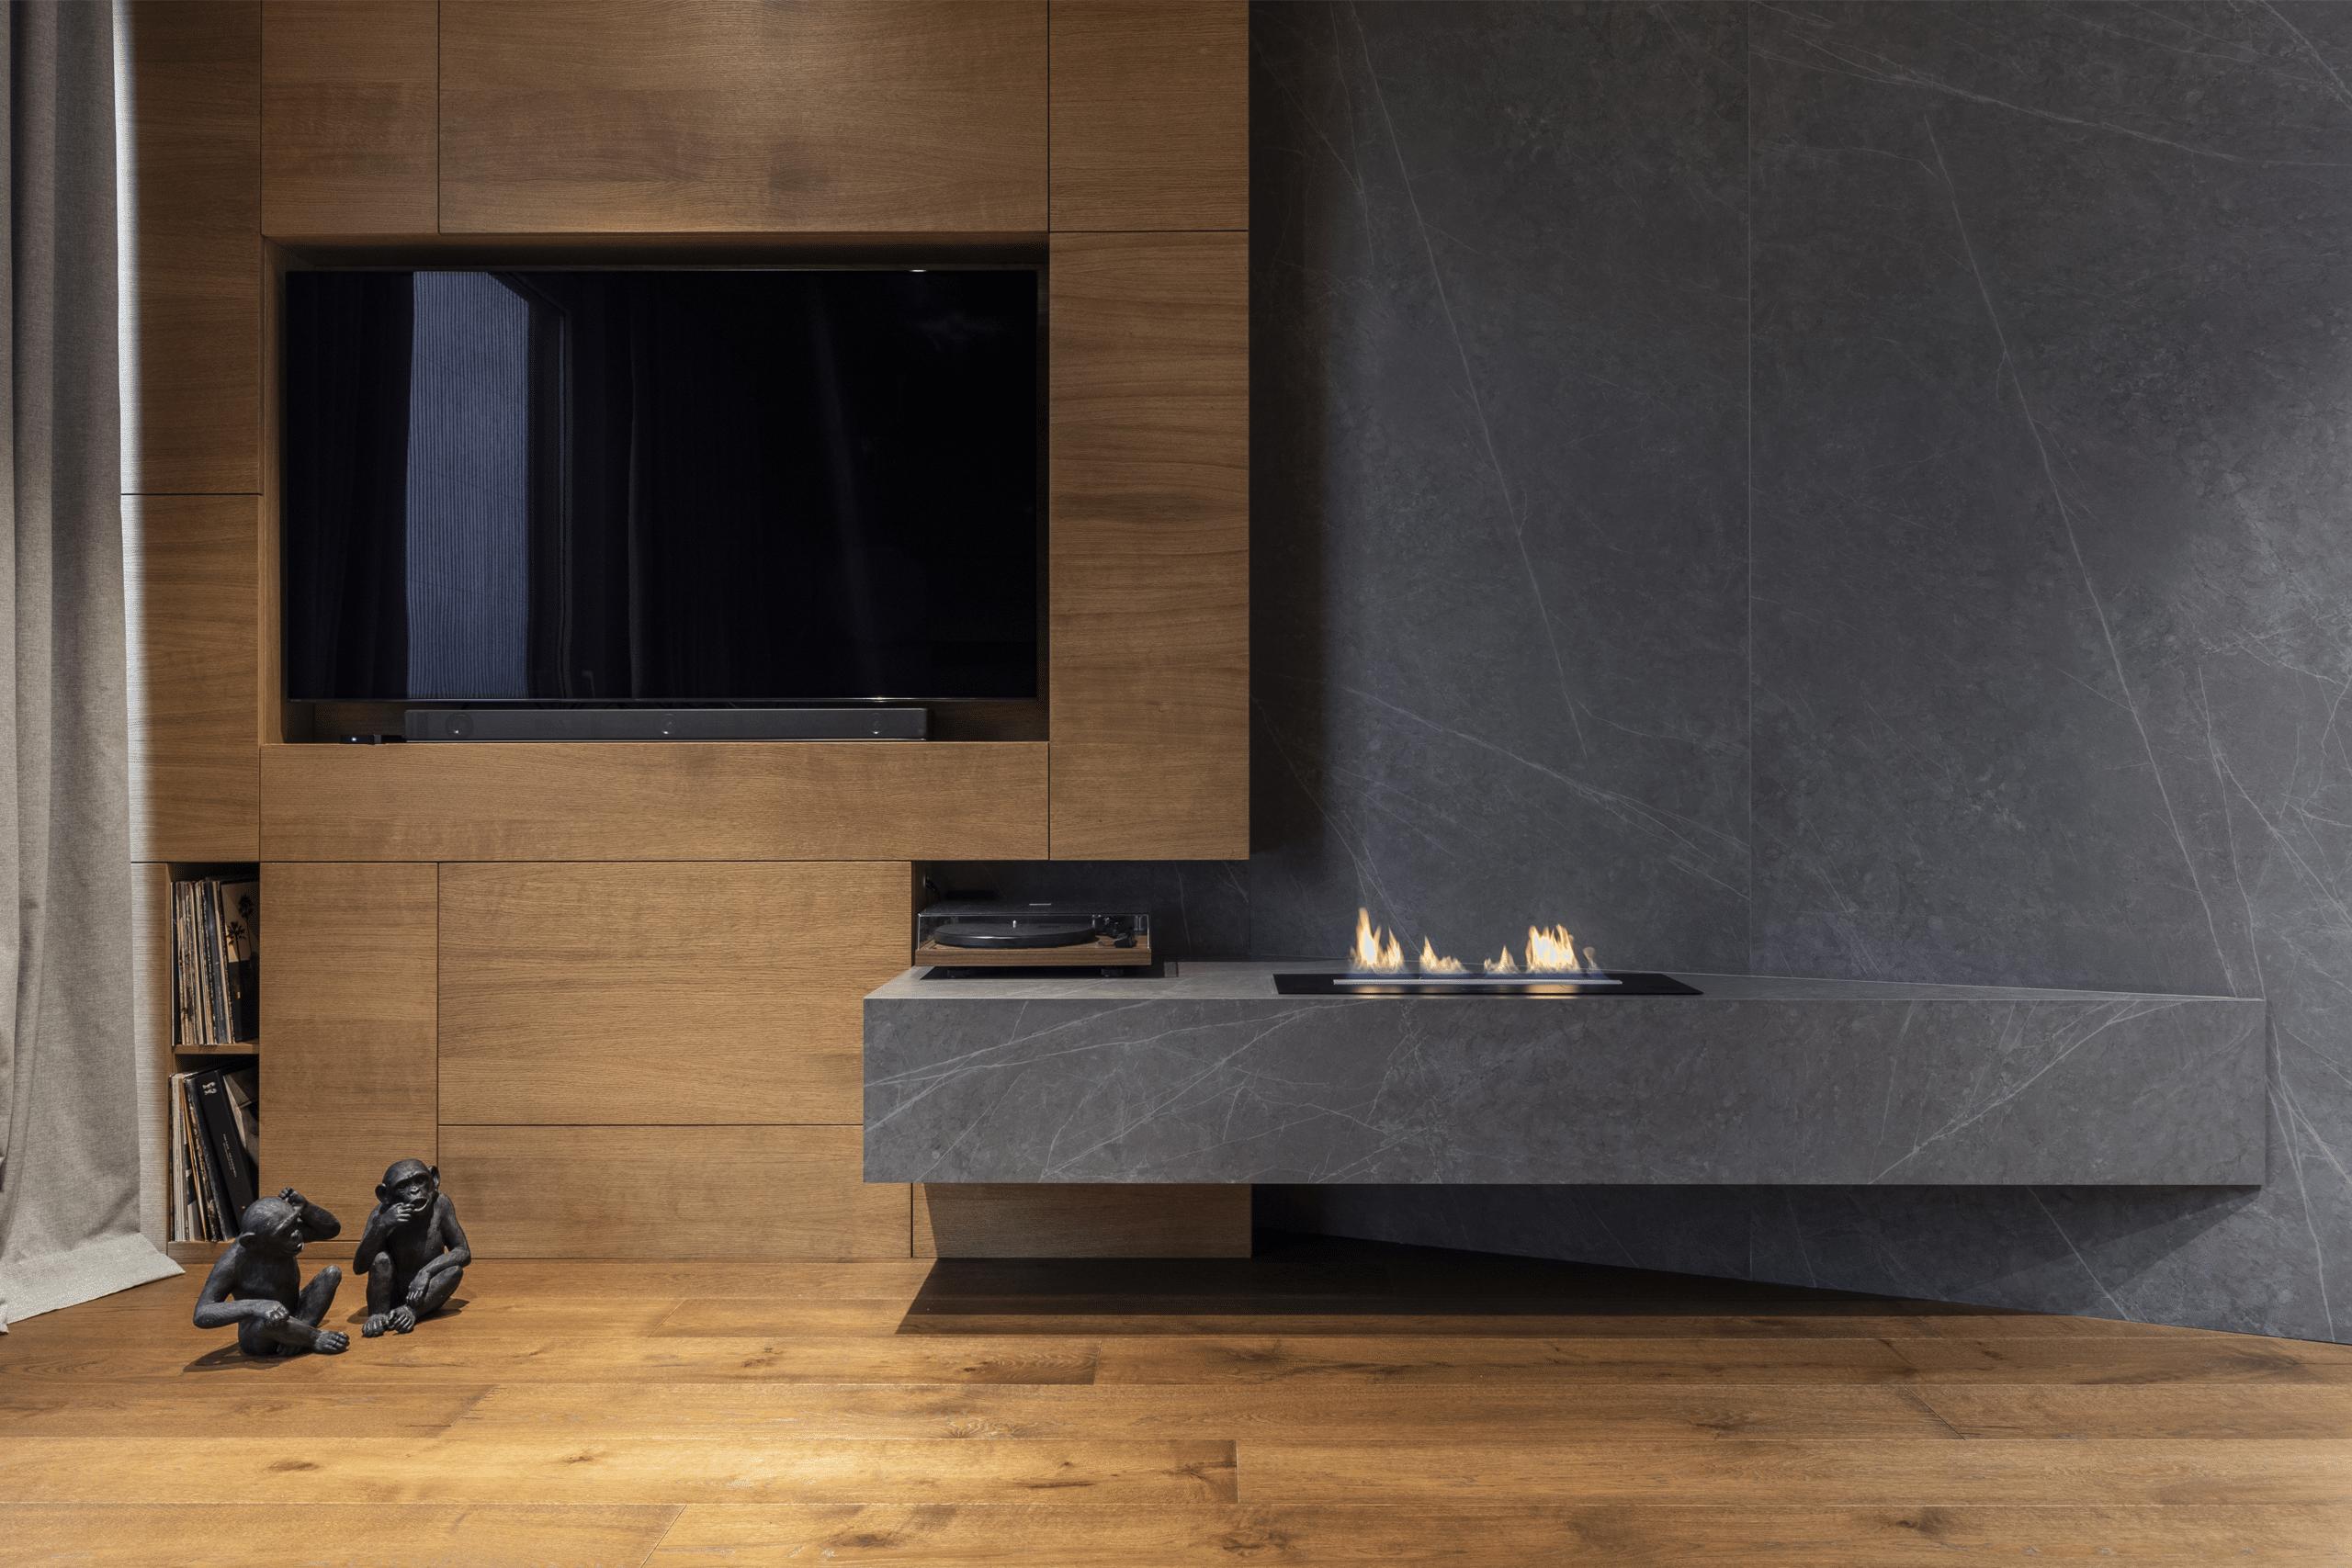 residential tiling dublin 1